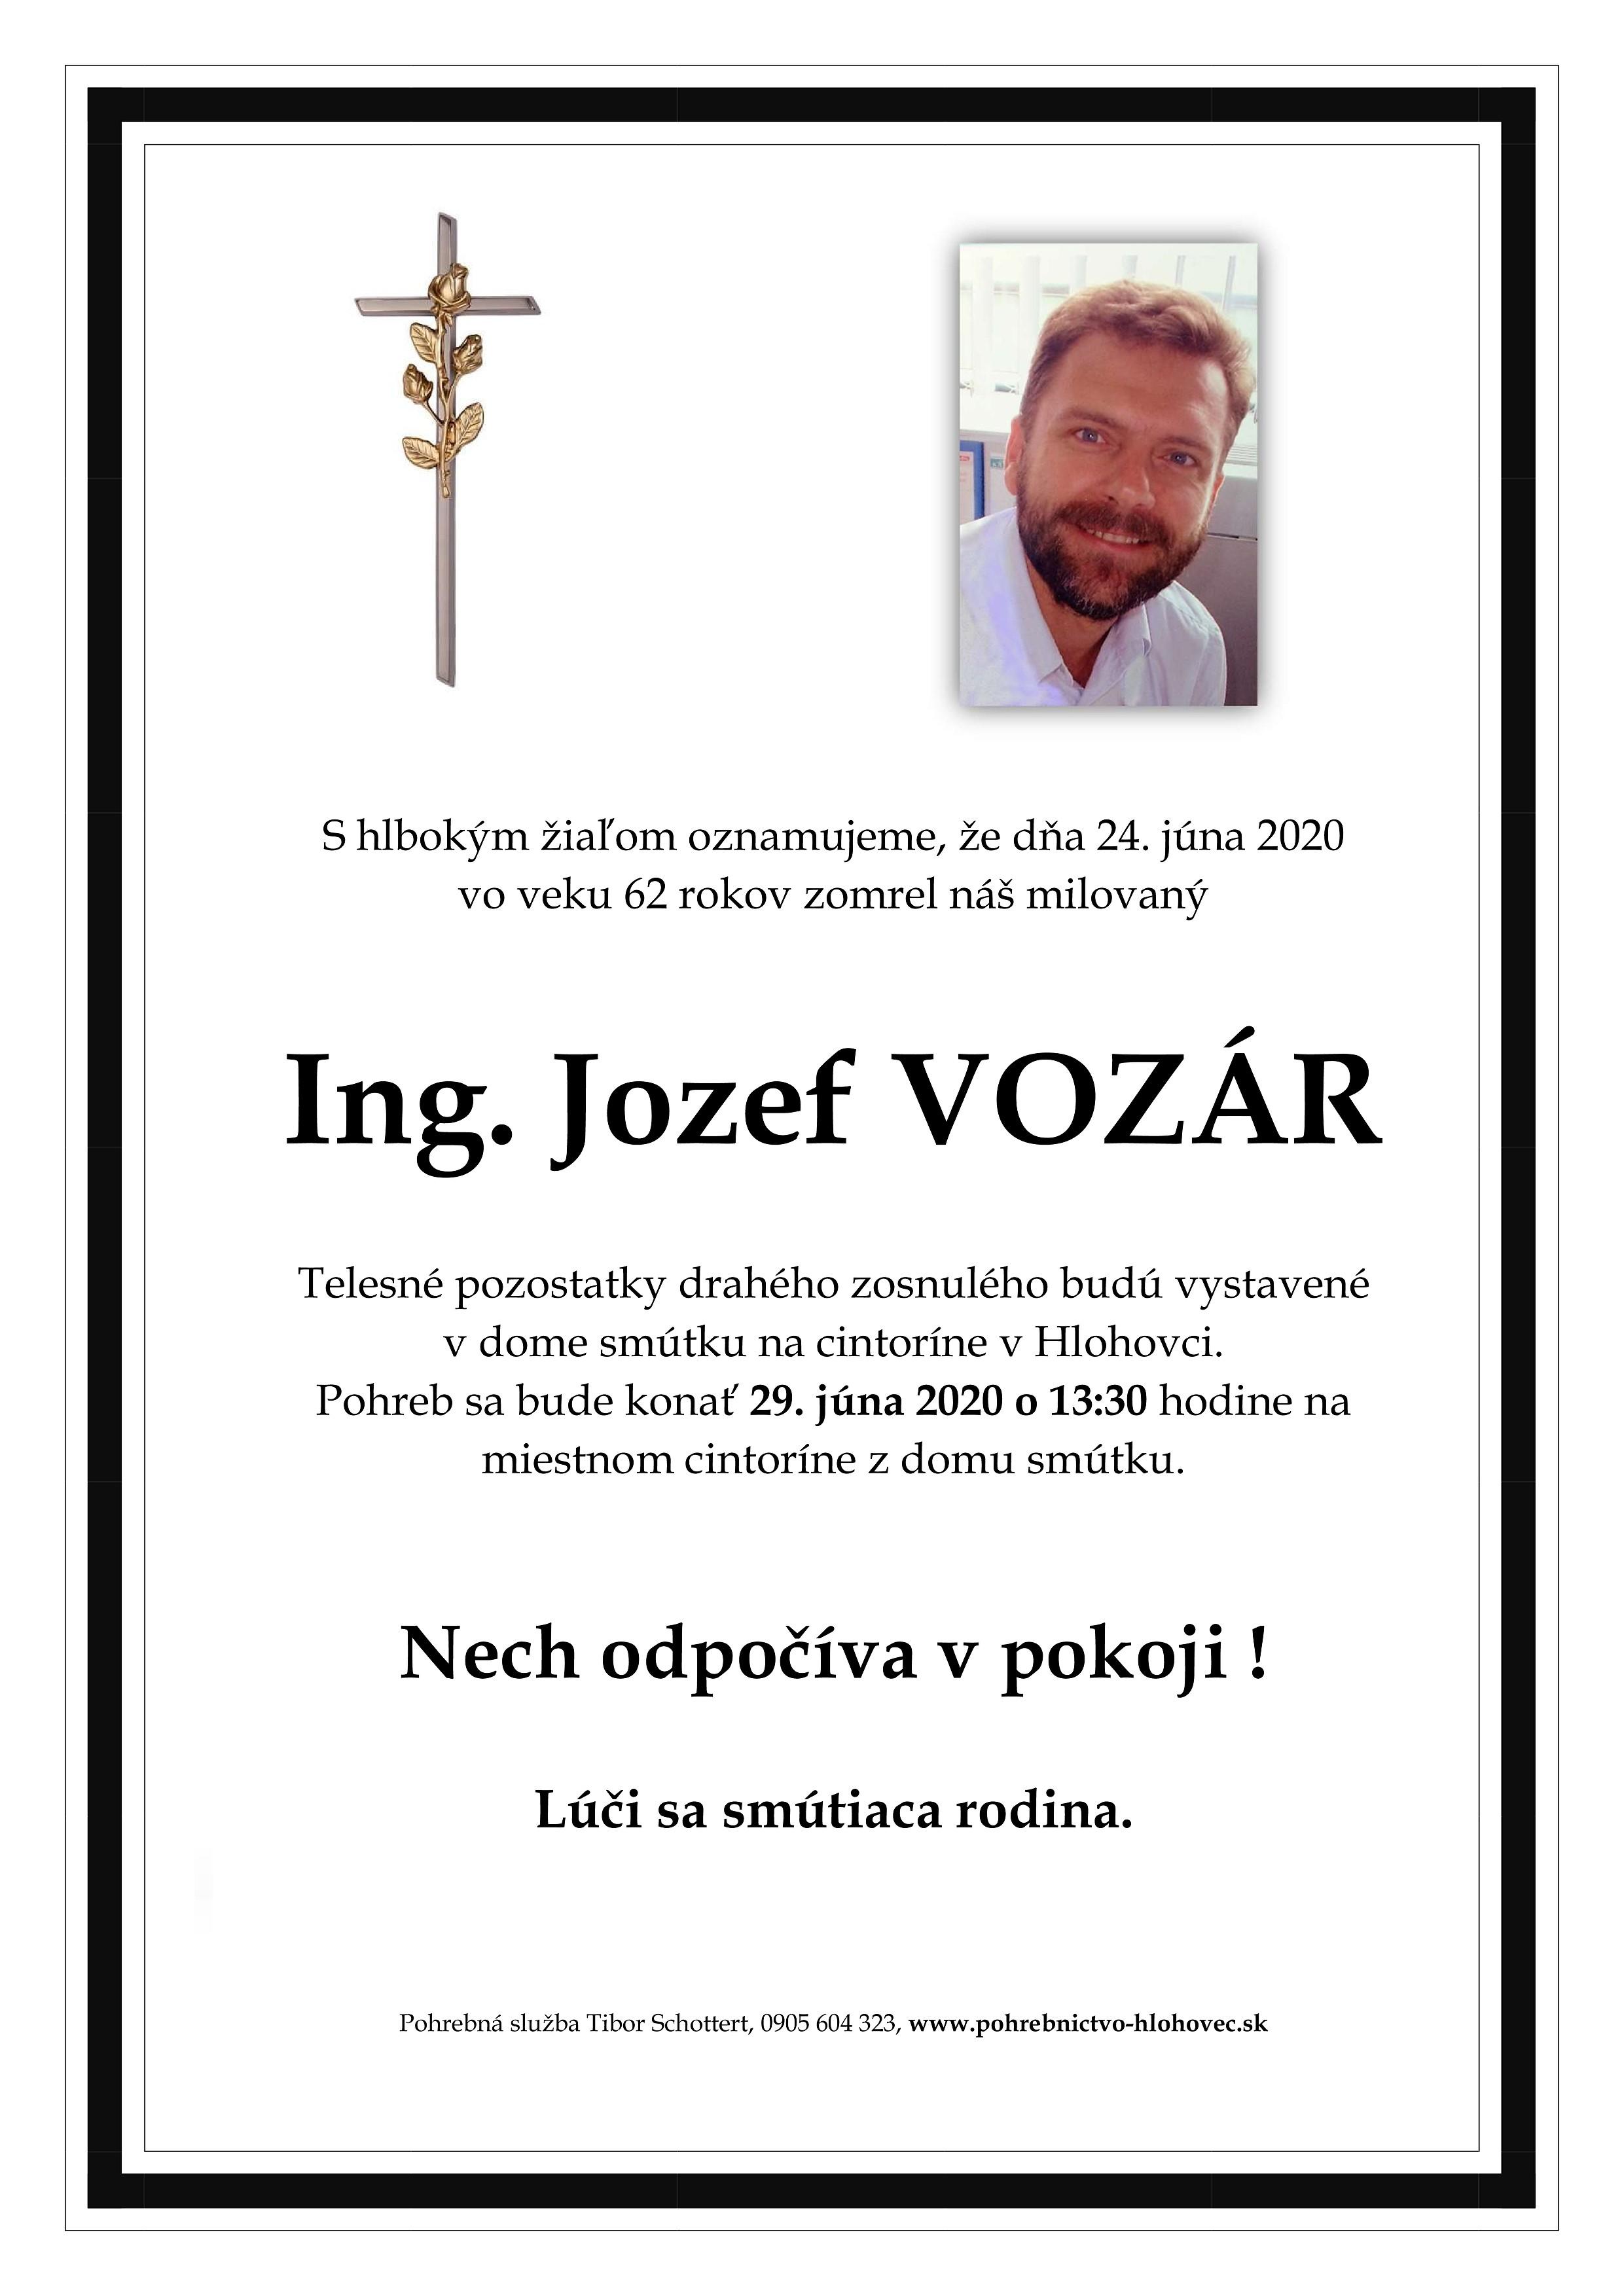 Ing. Jozef Vozár Parte